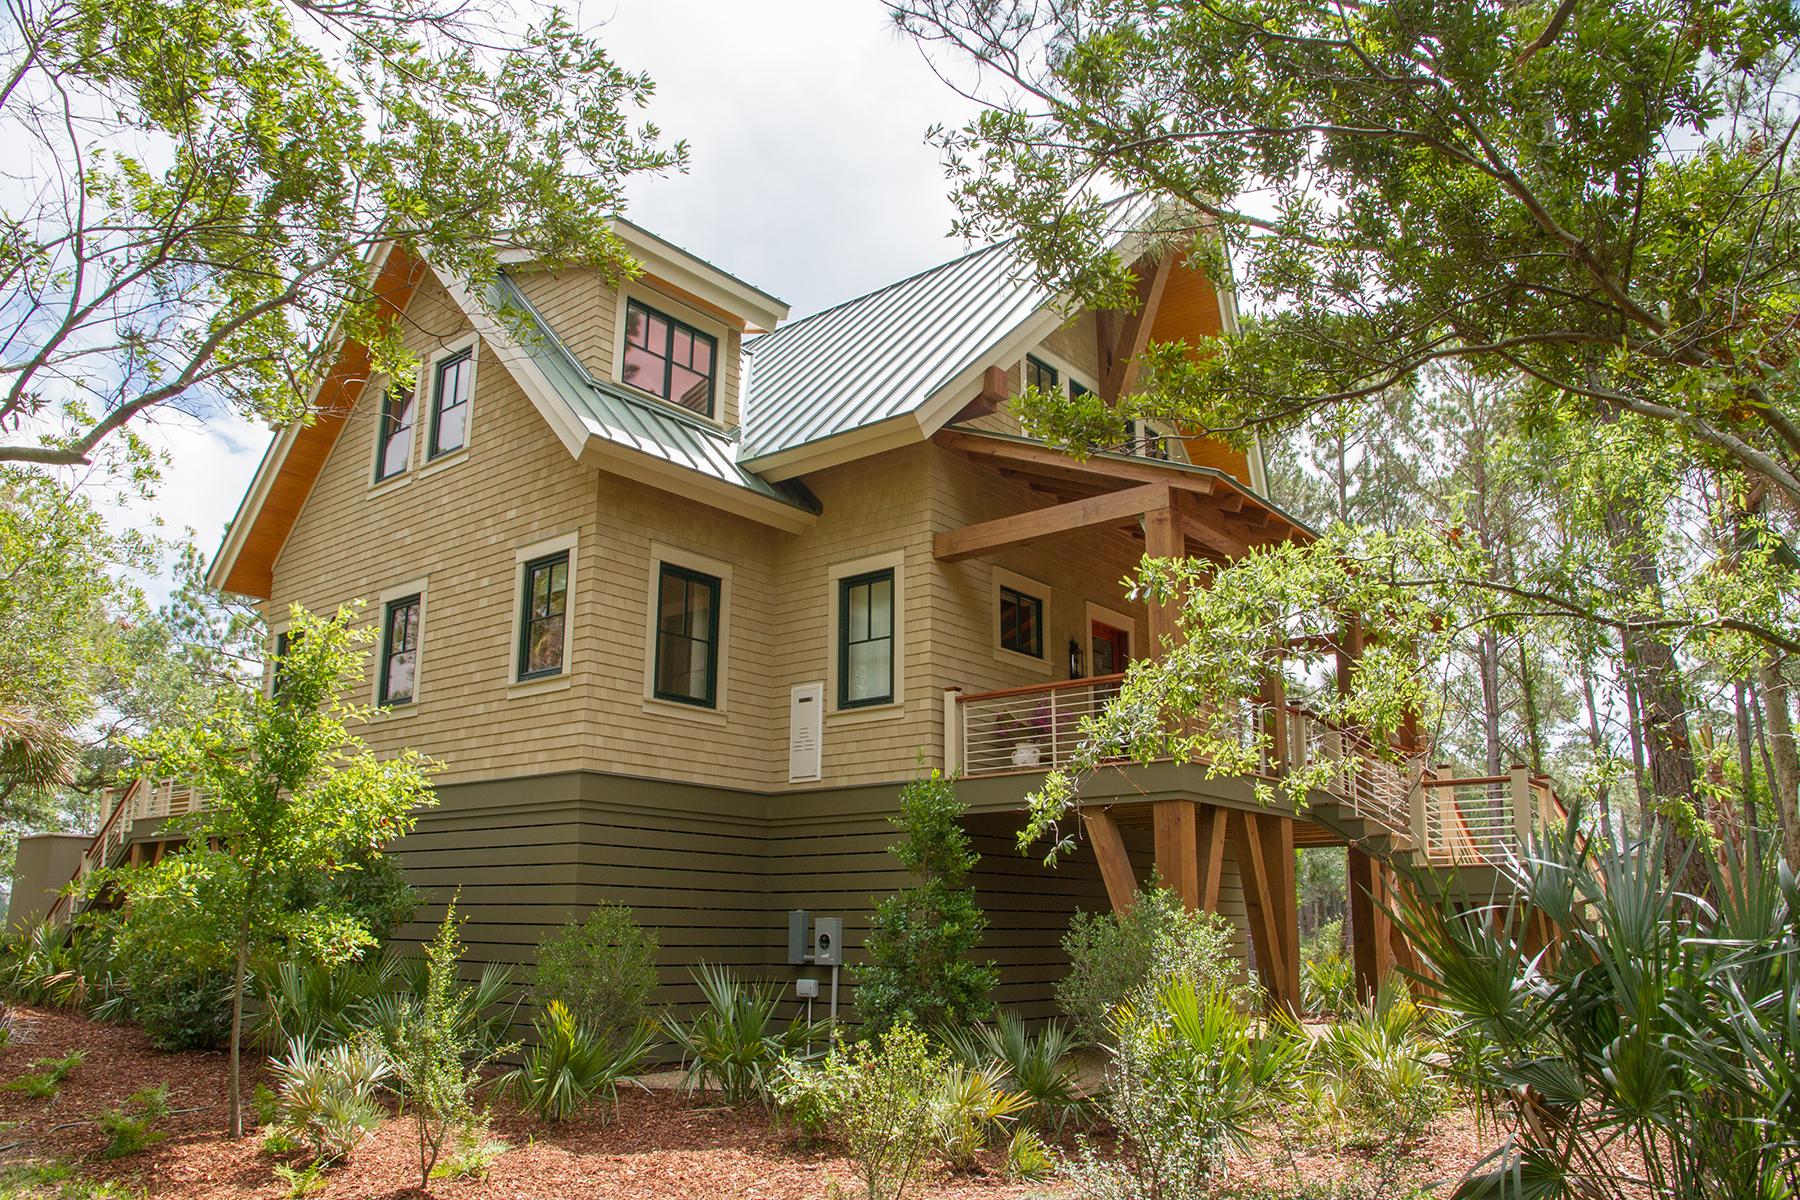 단독 가정 주택 용 매매 에 113 Halona Lane Kiawah Island, 사우스캐놀라이나, 29455 미국